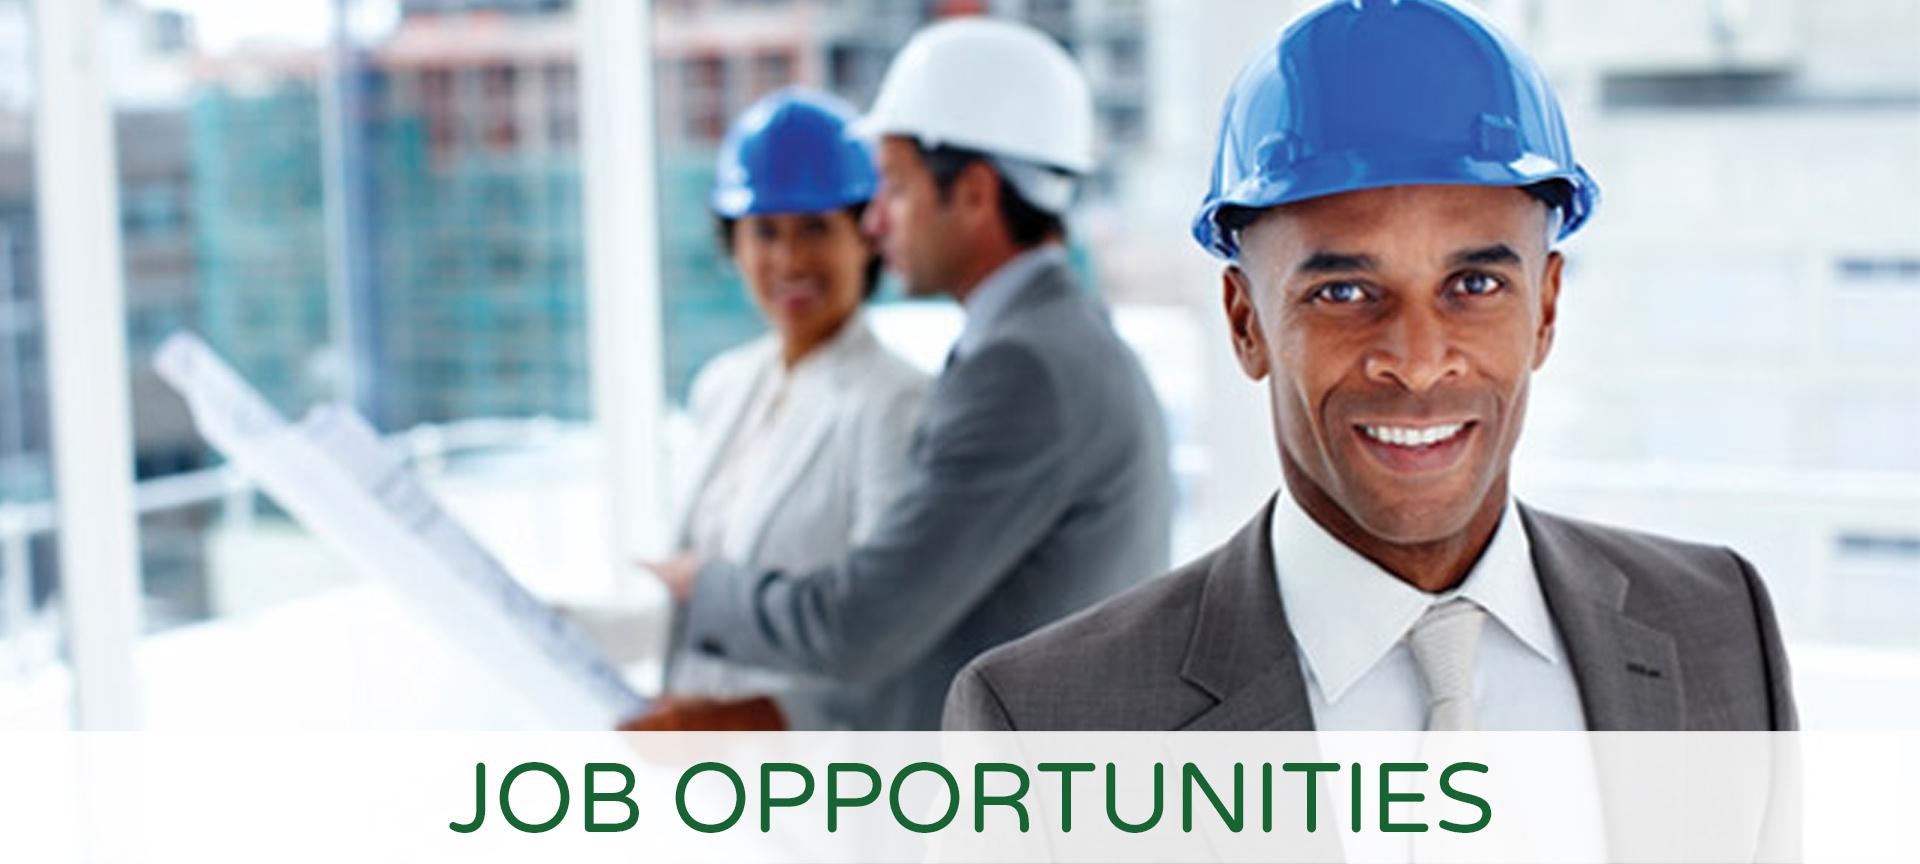 jobopportunities.jpg